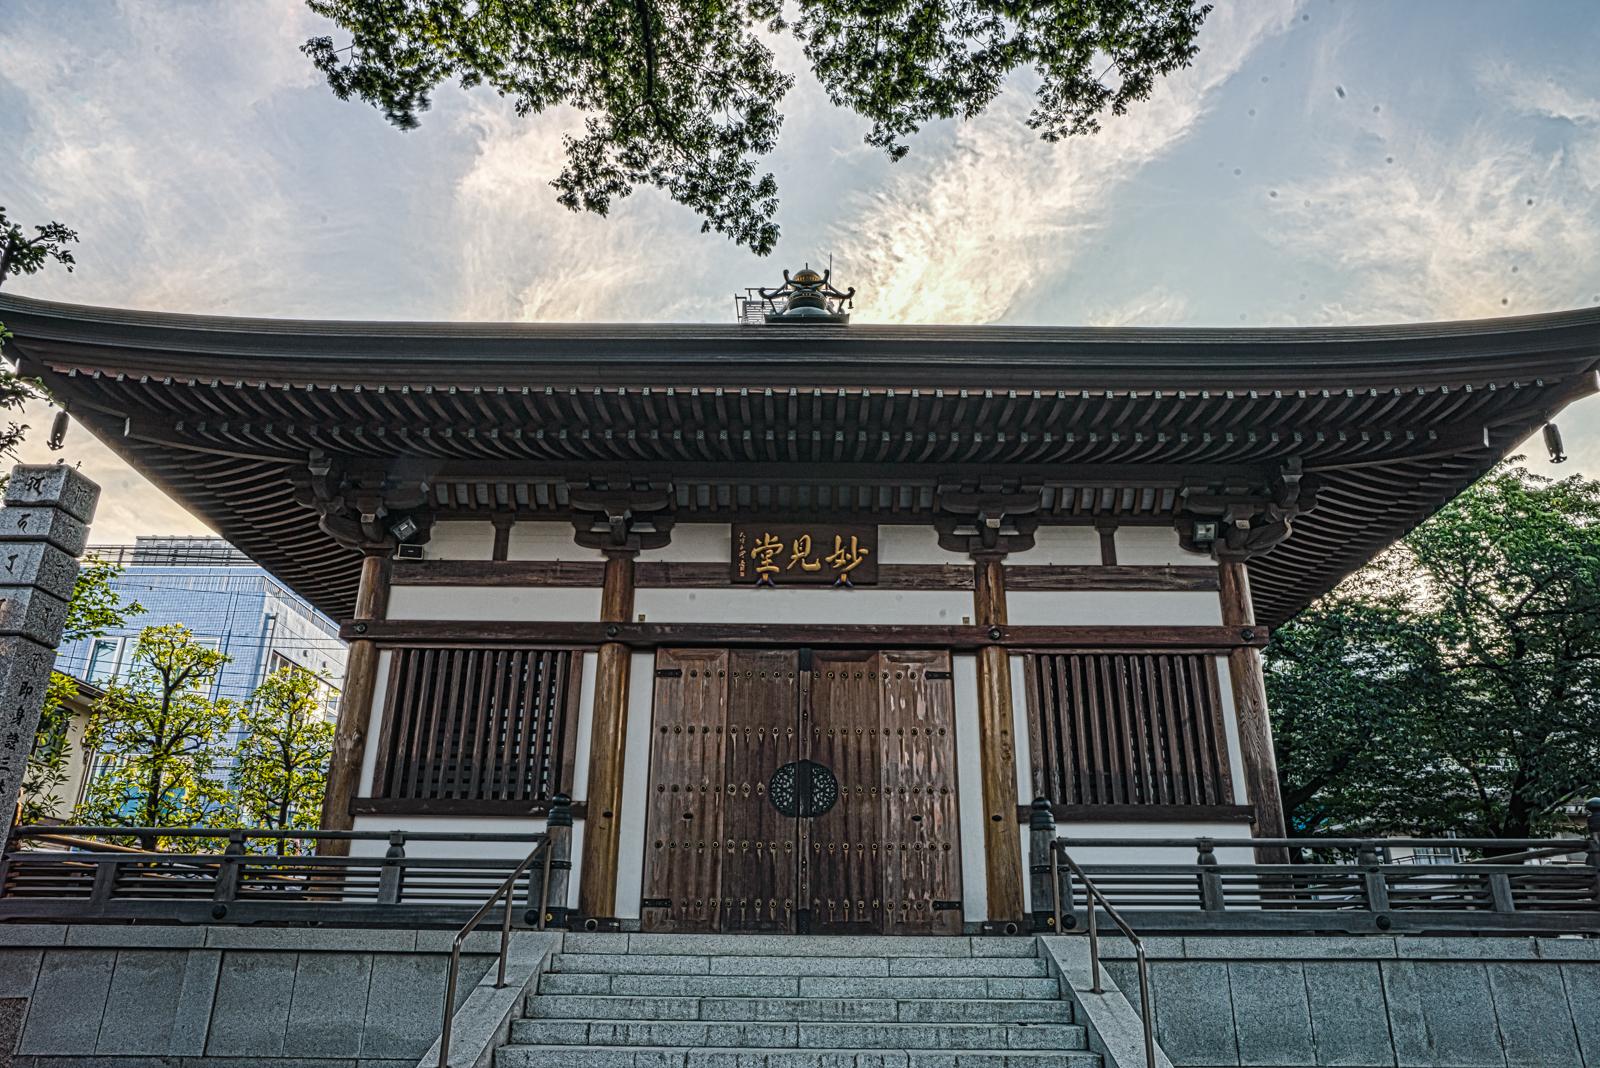 新東京百景 田無山、総持寺の妙見堂の写真